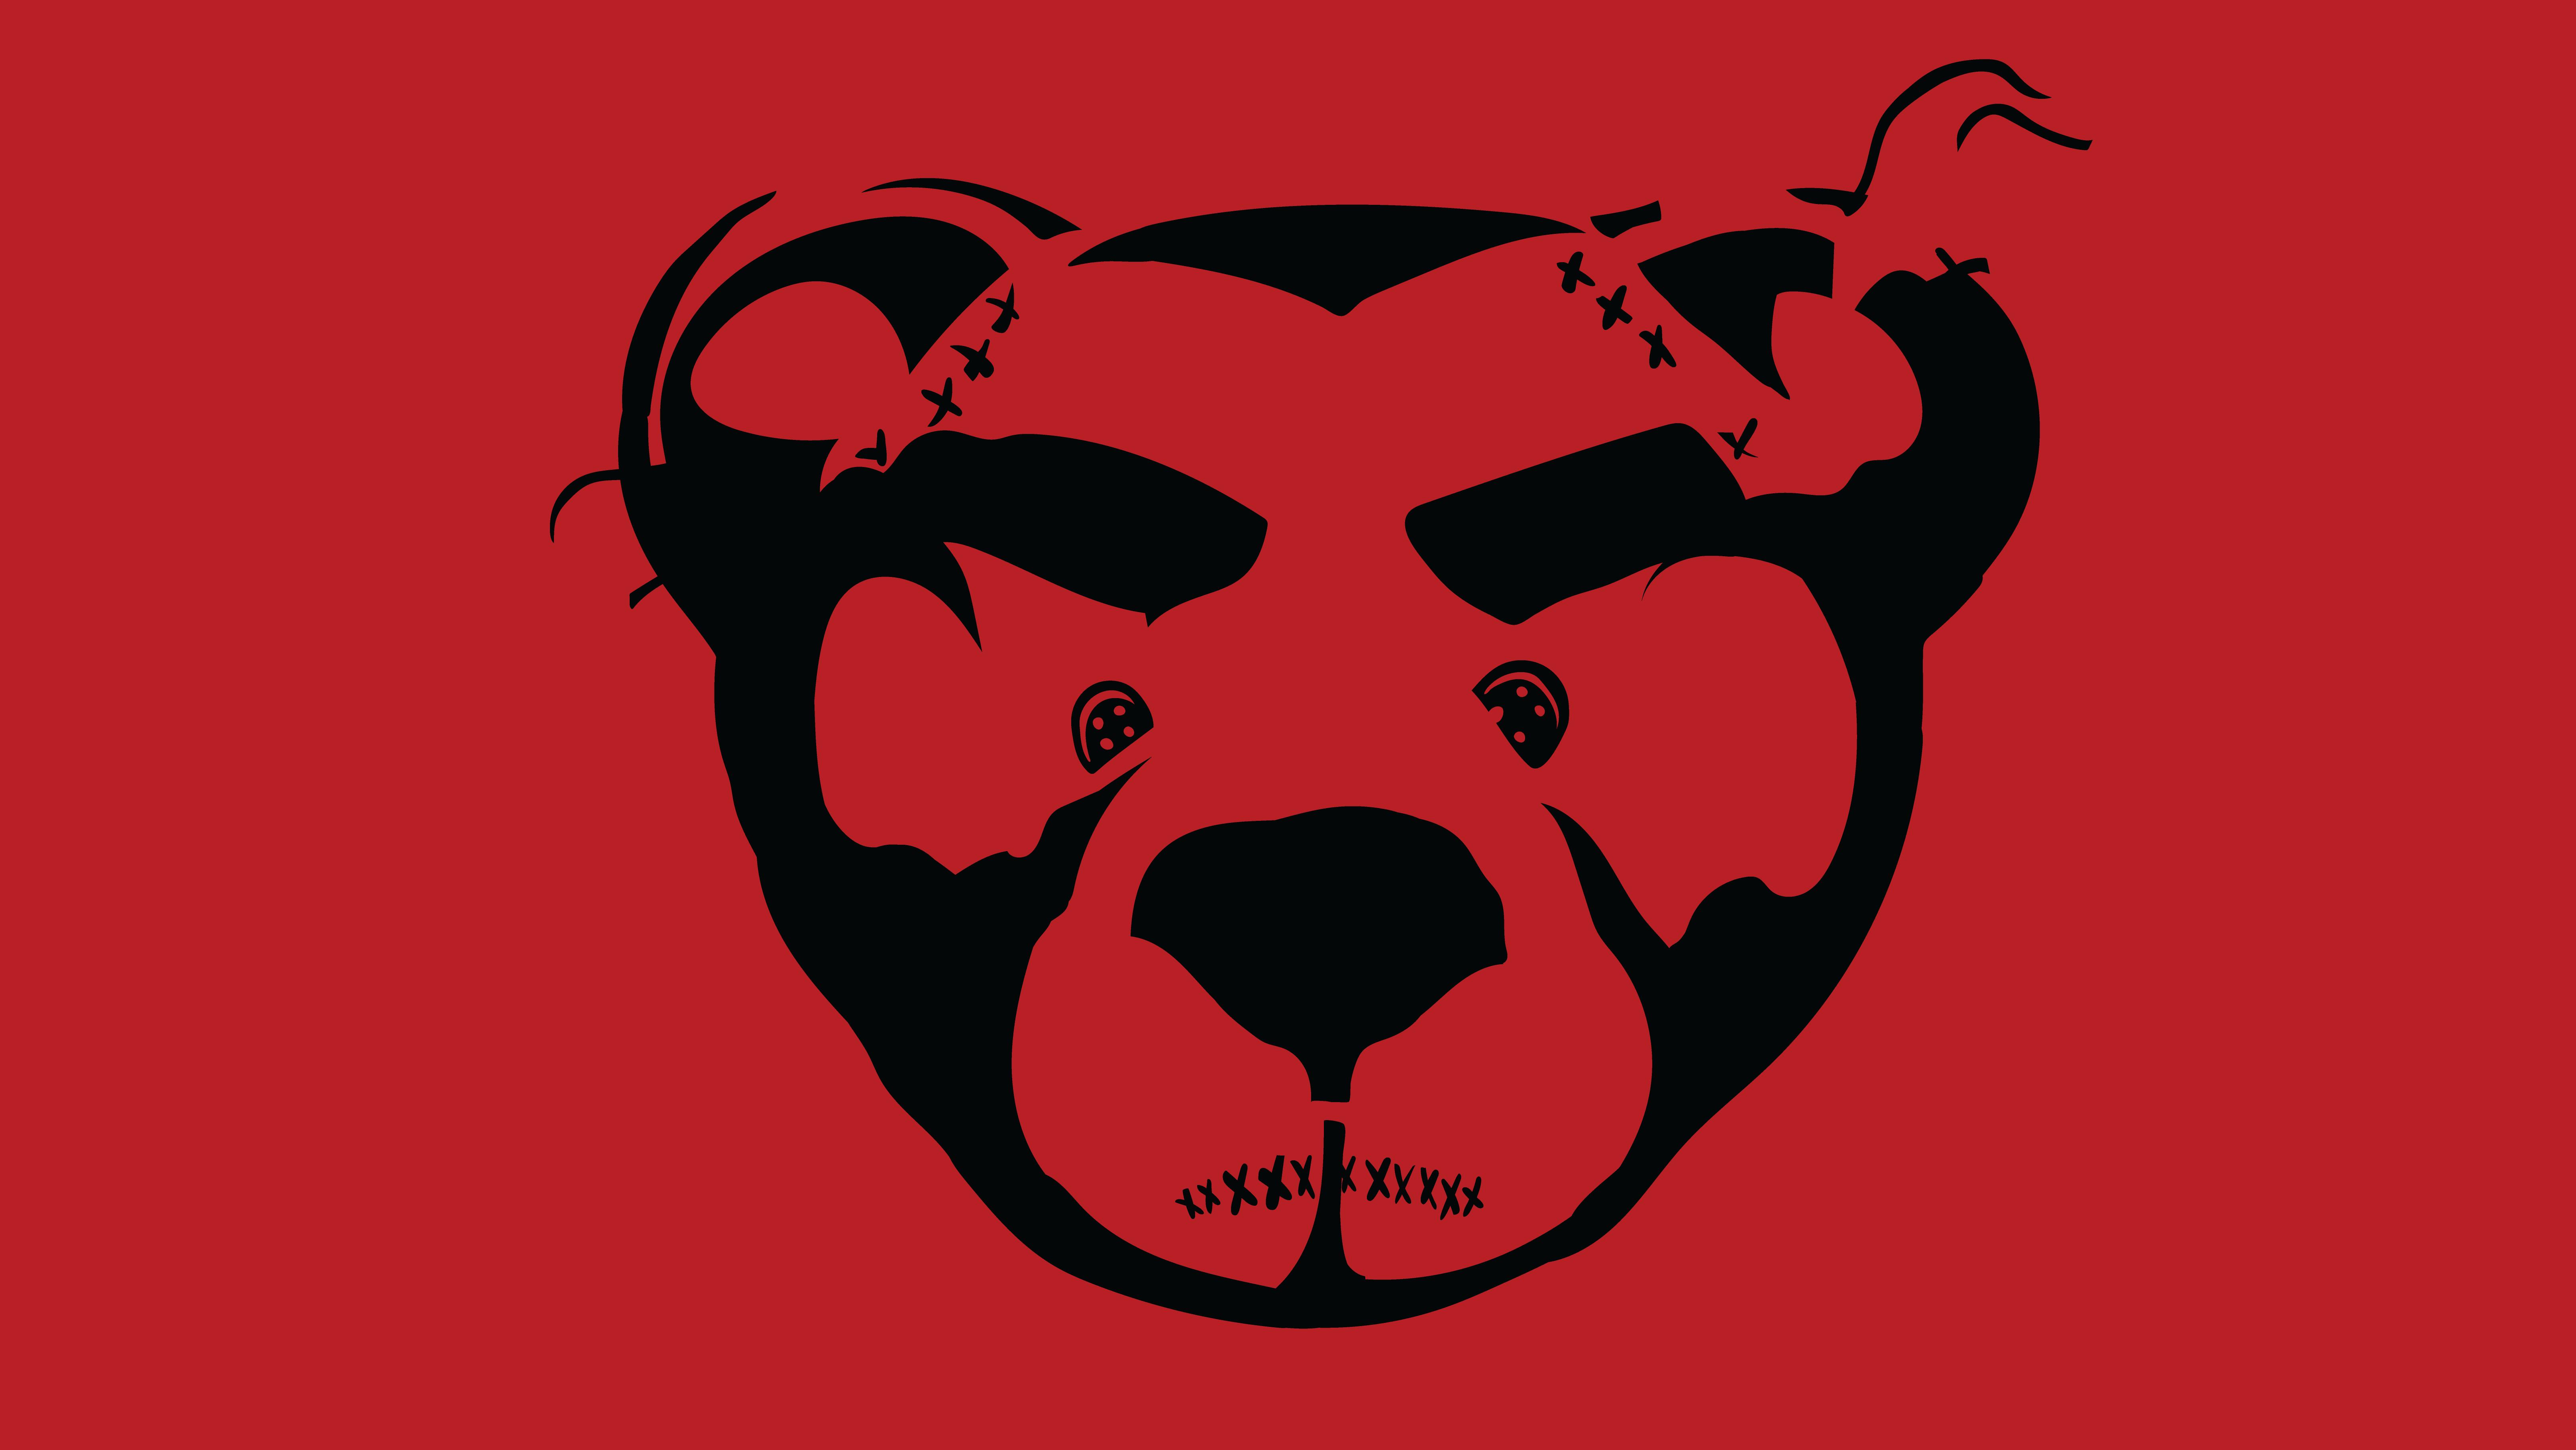 Angry Bear logo 16:9